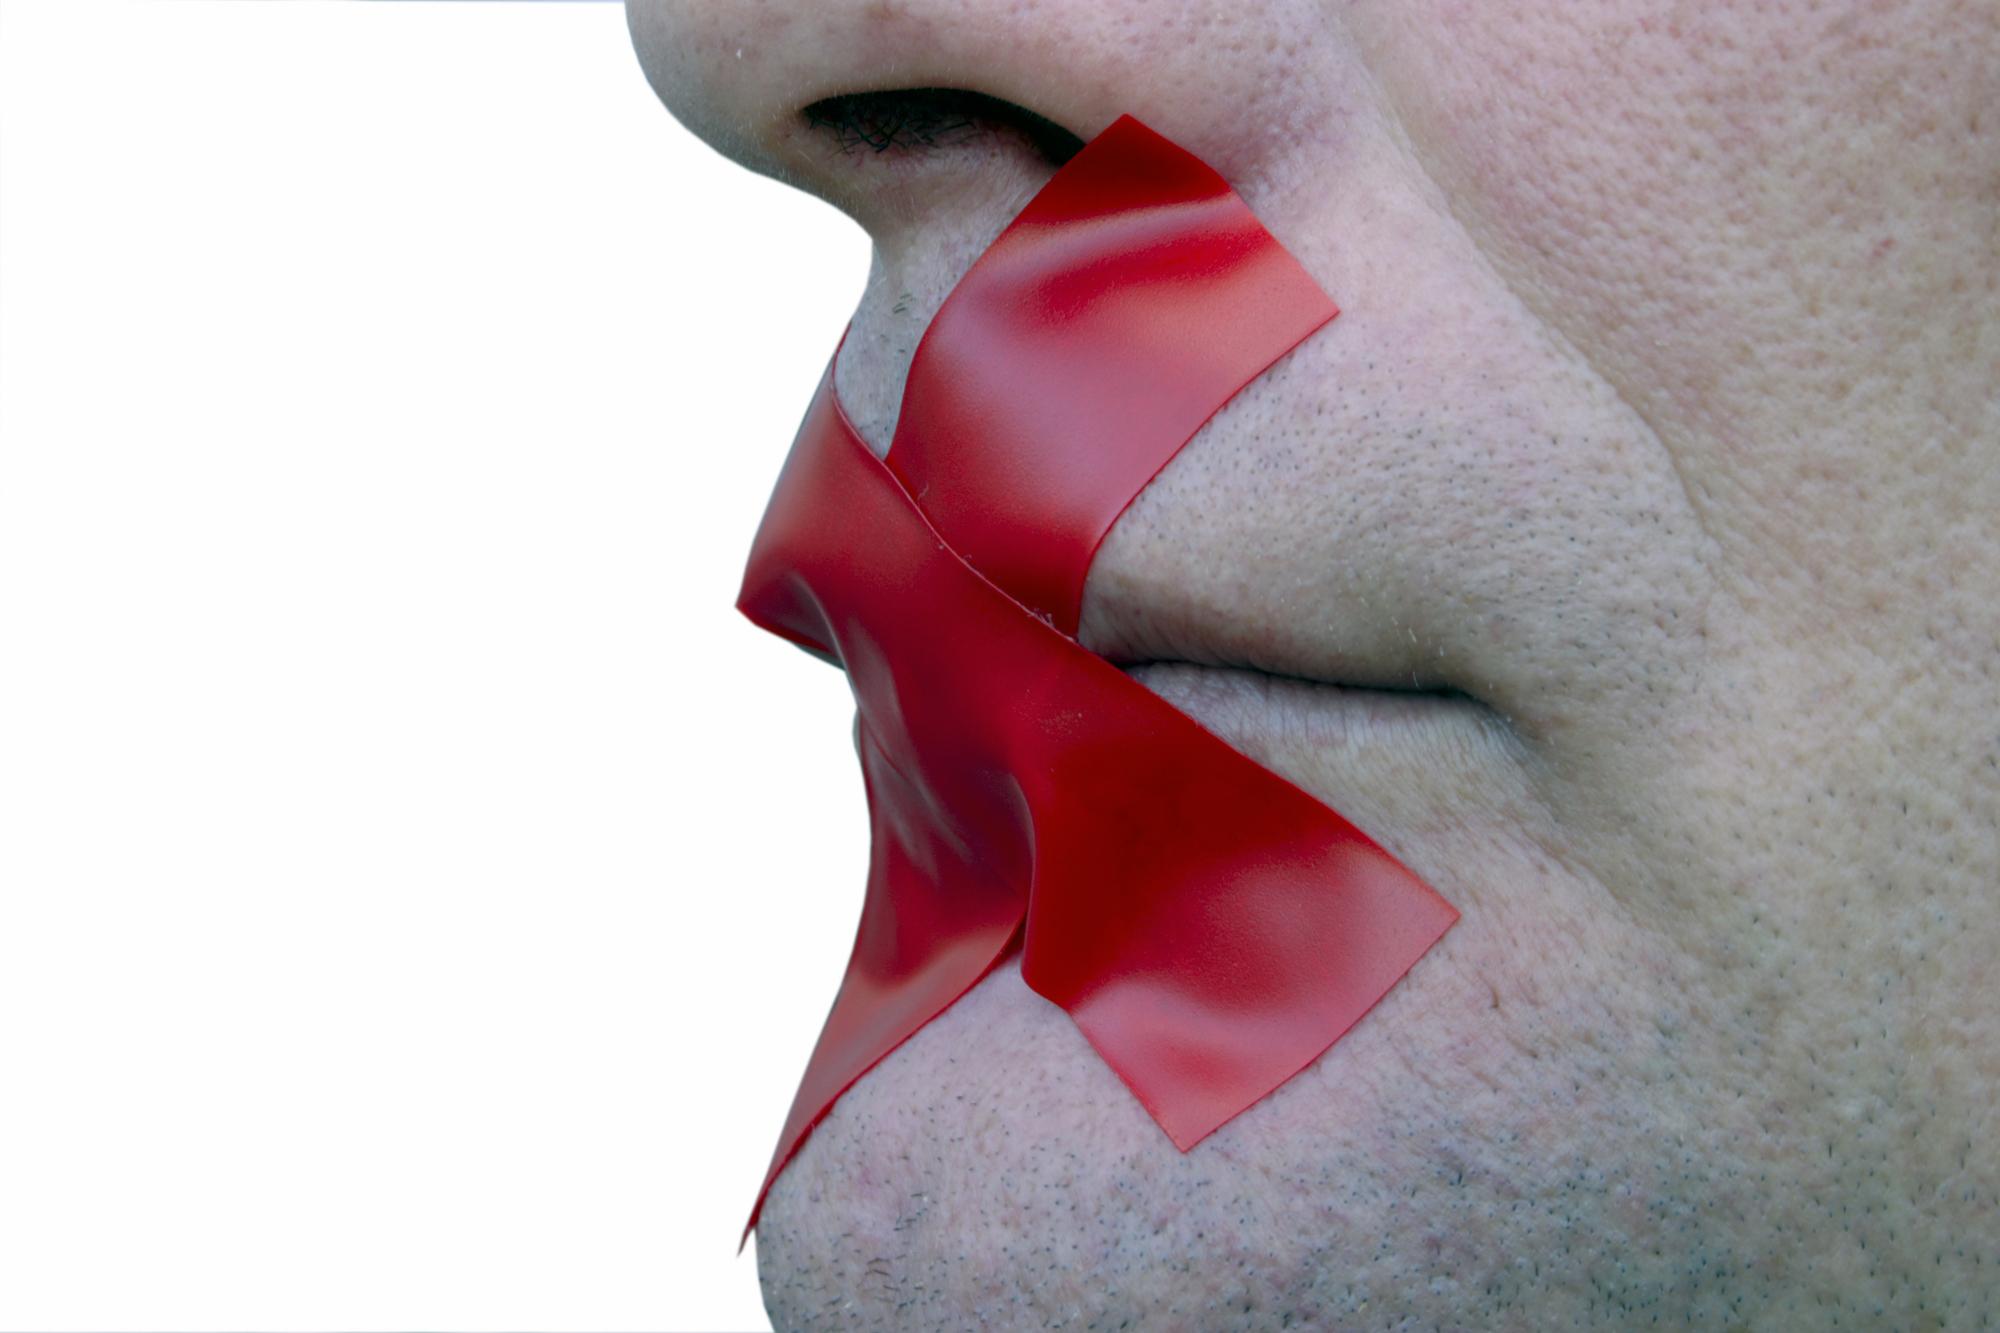 Read more about the article Vpliv potlačene jeze na odnose